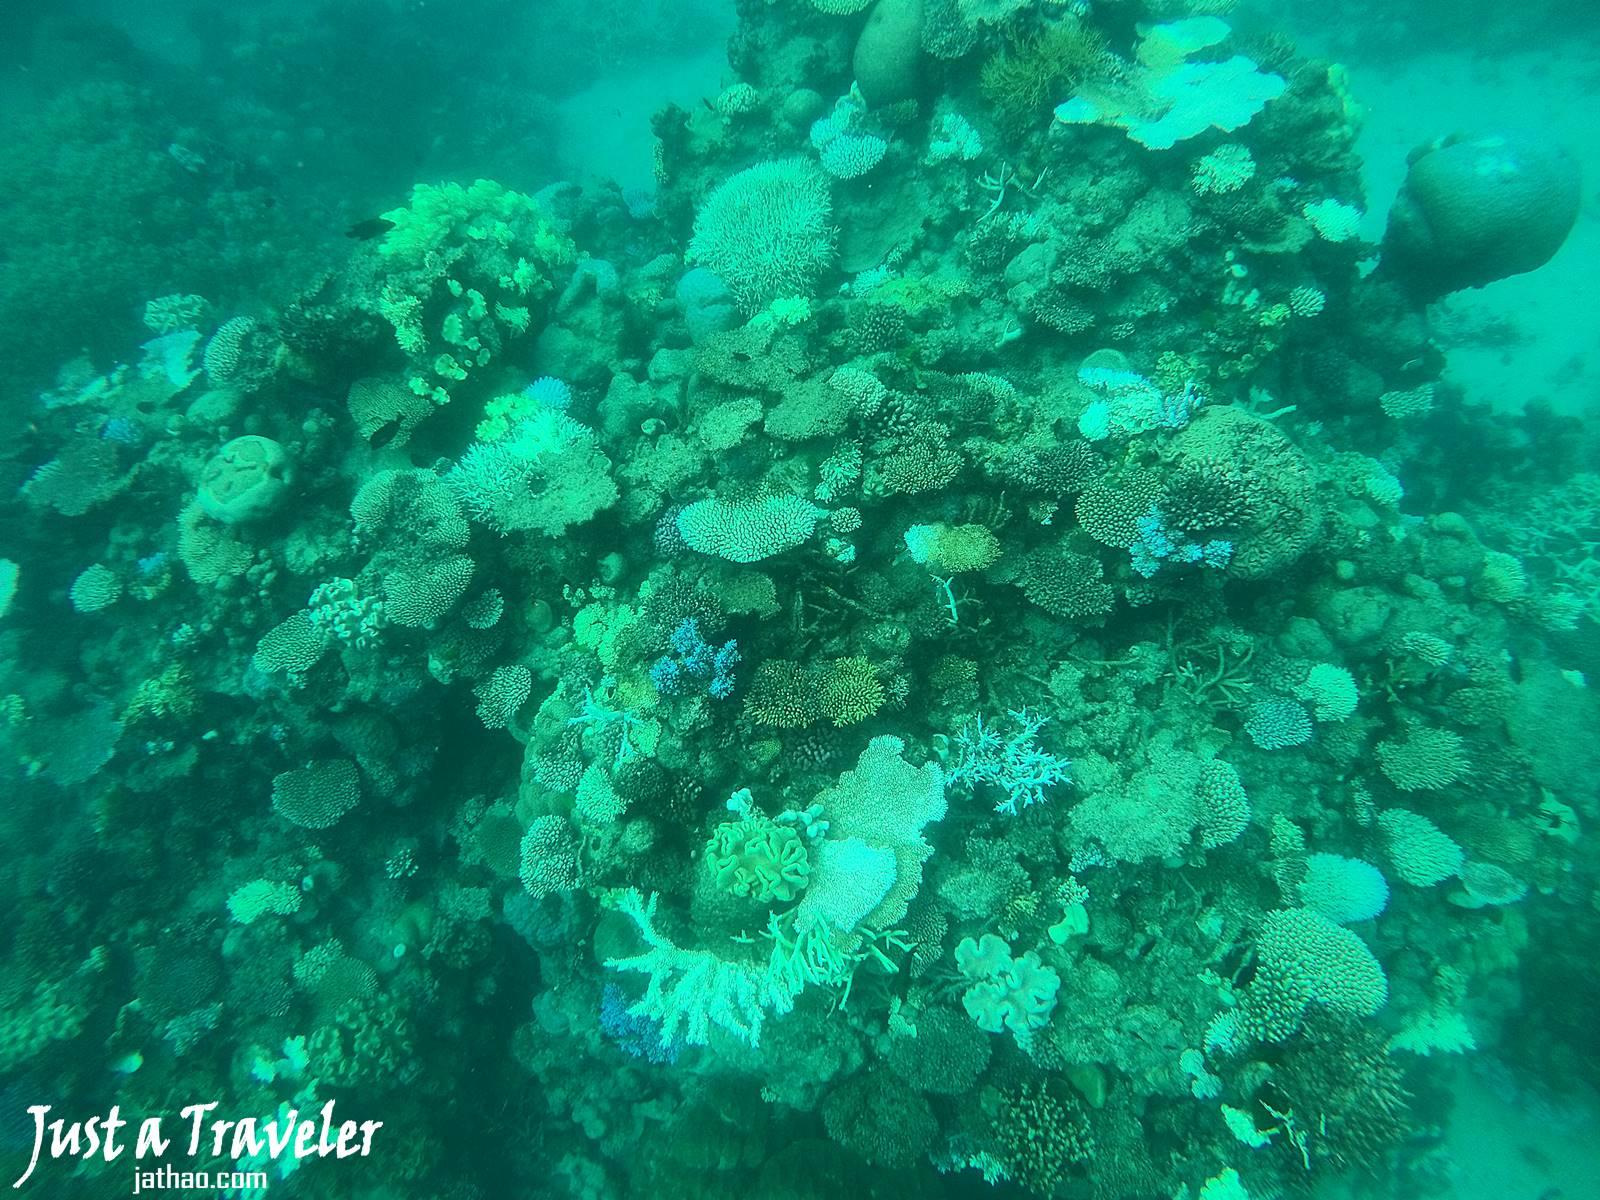 凱恩斯-大堡礁-外堡礁-推薦-公司-行程-旅遊-凱恩斯潛水-凱恩斯浮潛-自由行-澳洲-Cairns-Outer-Great-Barrier-Reef-Snorkel-Diving-Travel-Australia